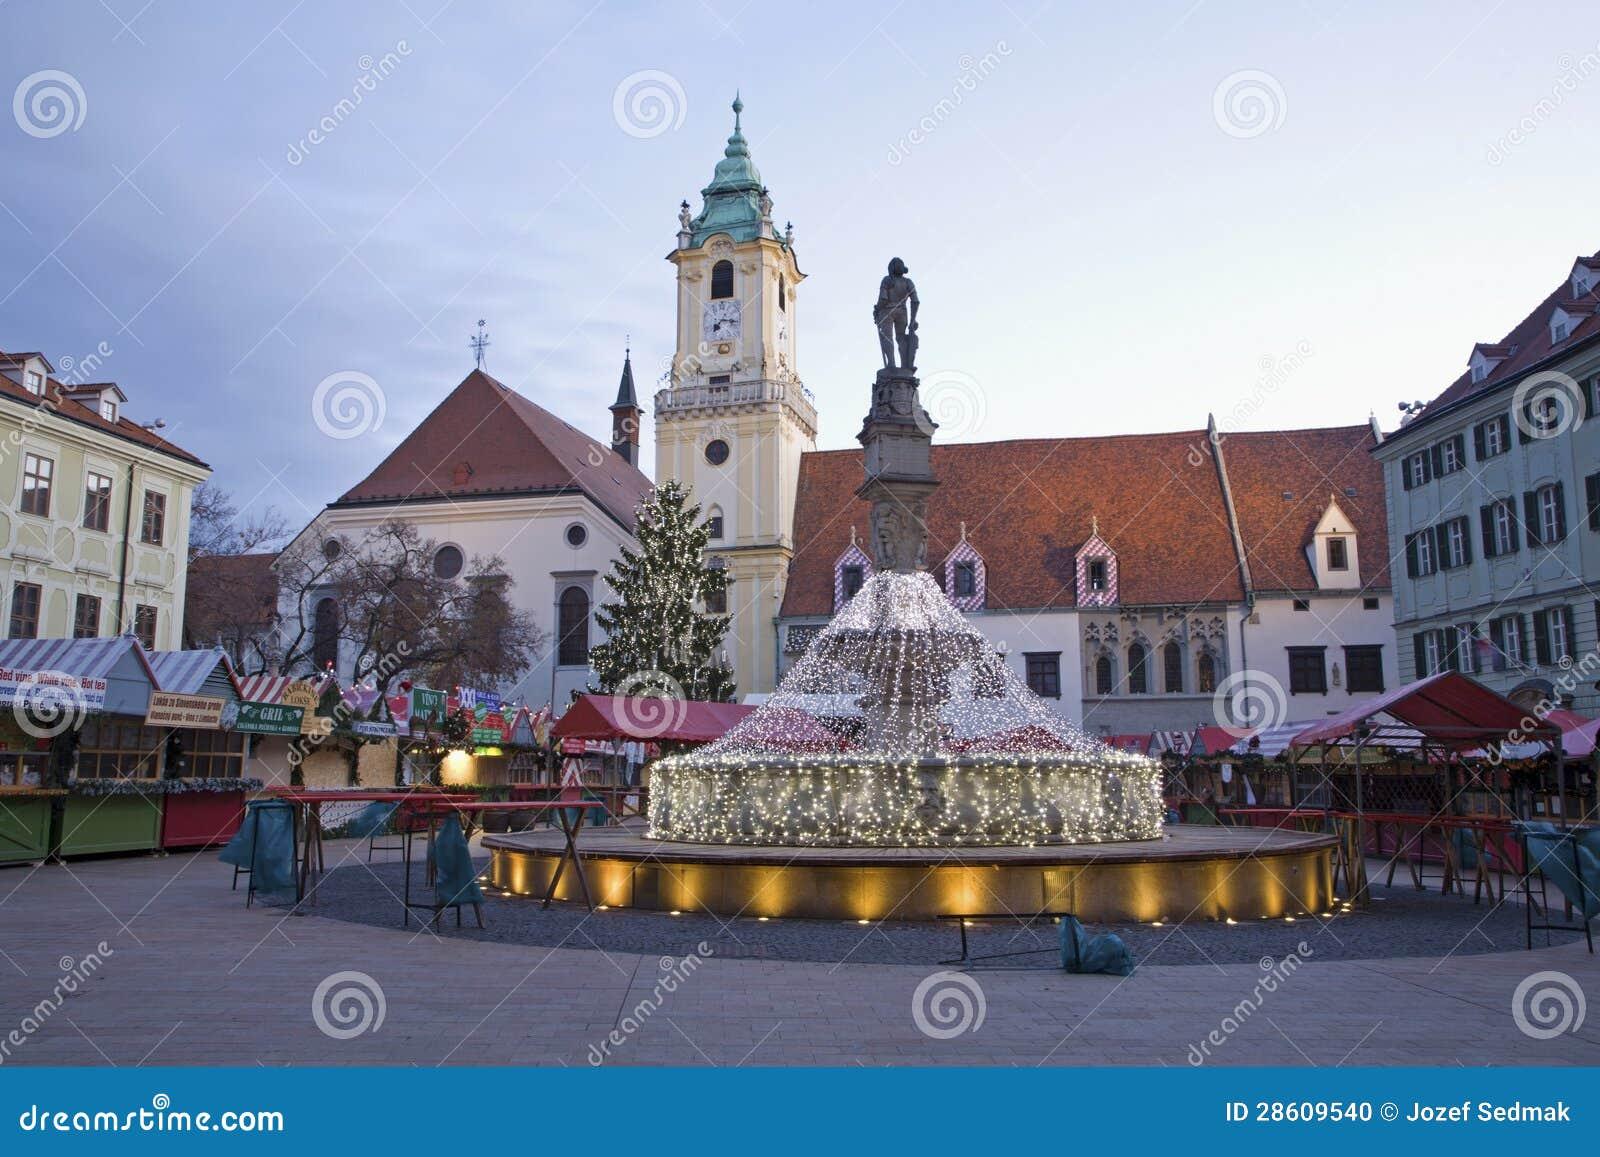 Weihnachtsmarkt Morgen.Bratislava Weihnachtsmarkt Auf Dem Hauptplatz Im Morgen